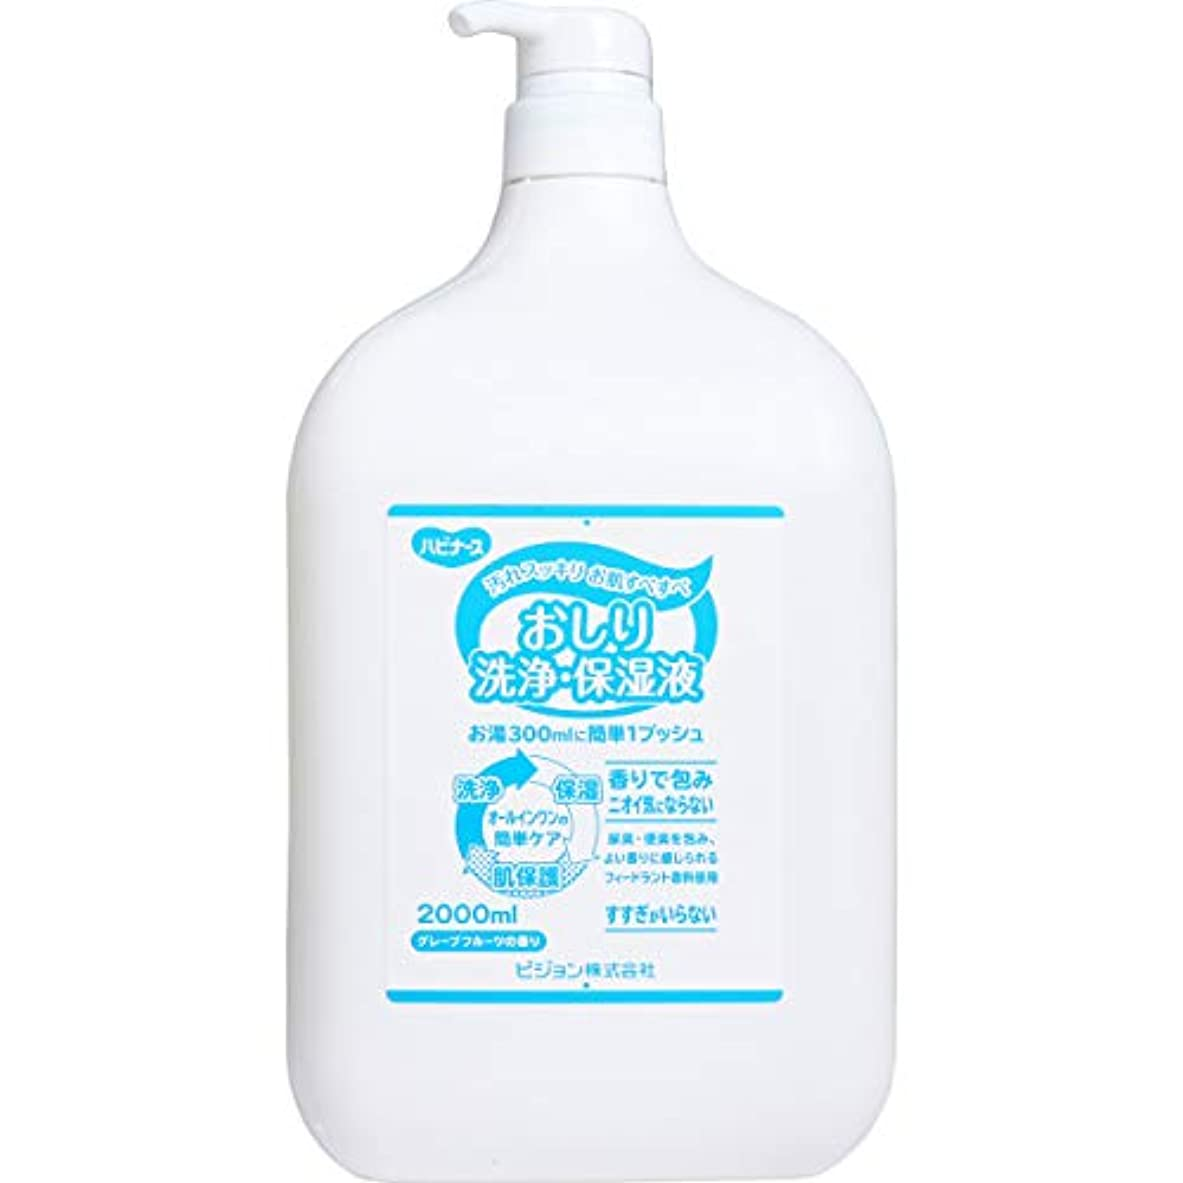 死ロースト耐えるハビナース おしり洗浄?保湿液 グレープフルーツの香り 2000mL 洗浄?保湿?肌保護 オールインワンの簡単ケア!